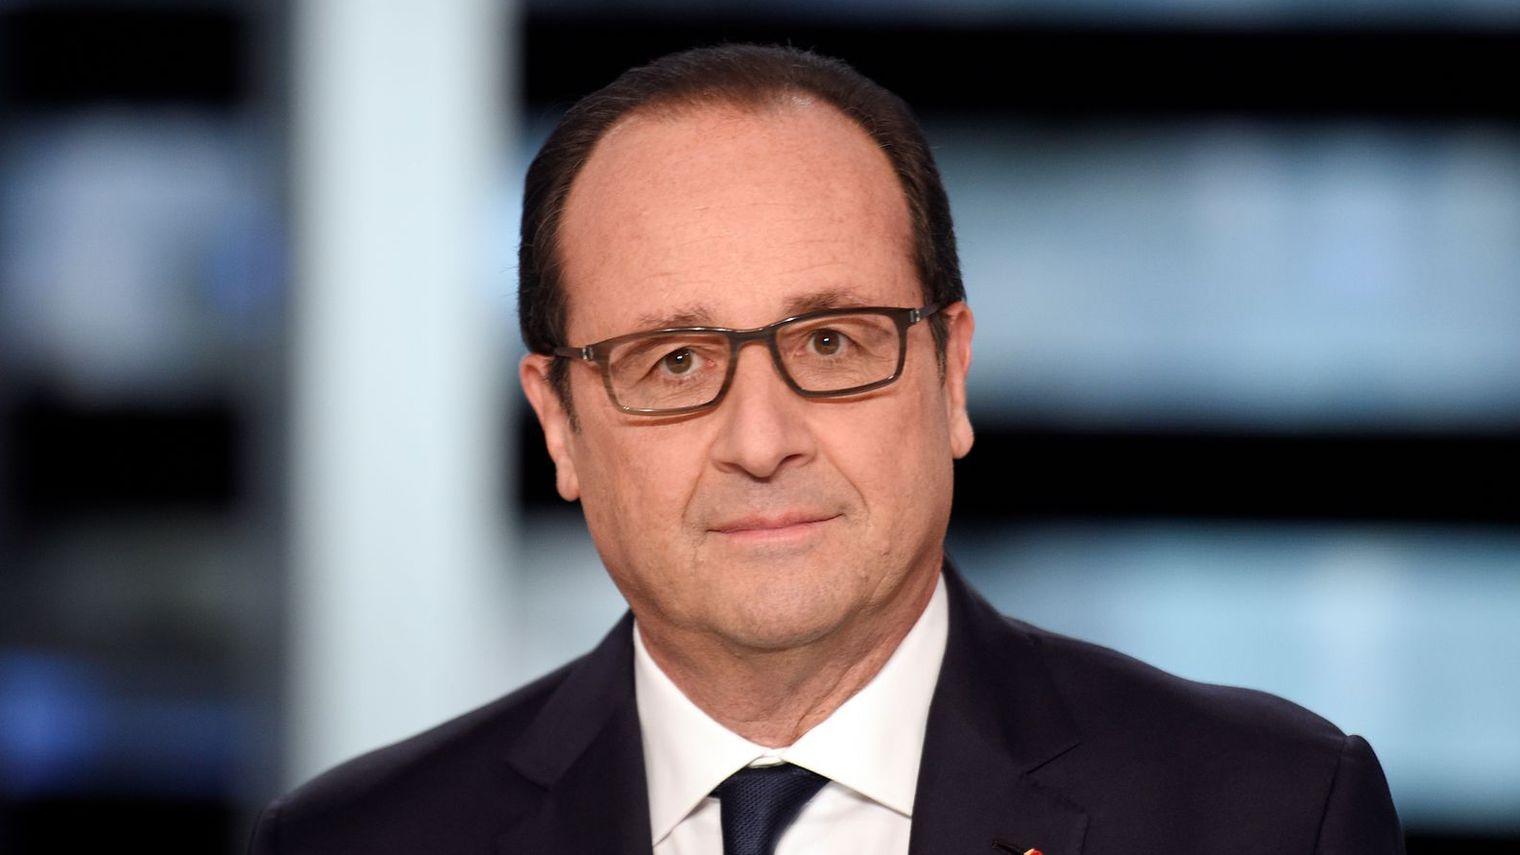 Hollande: Trump insanda kusma isteği uyandırıyor